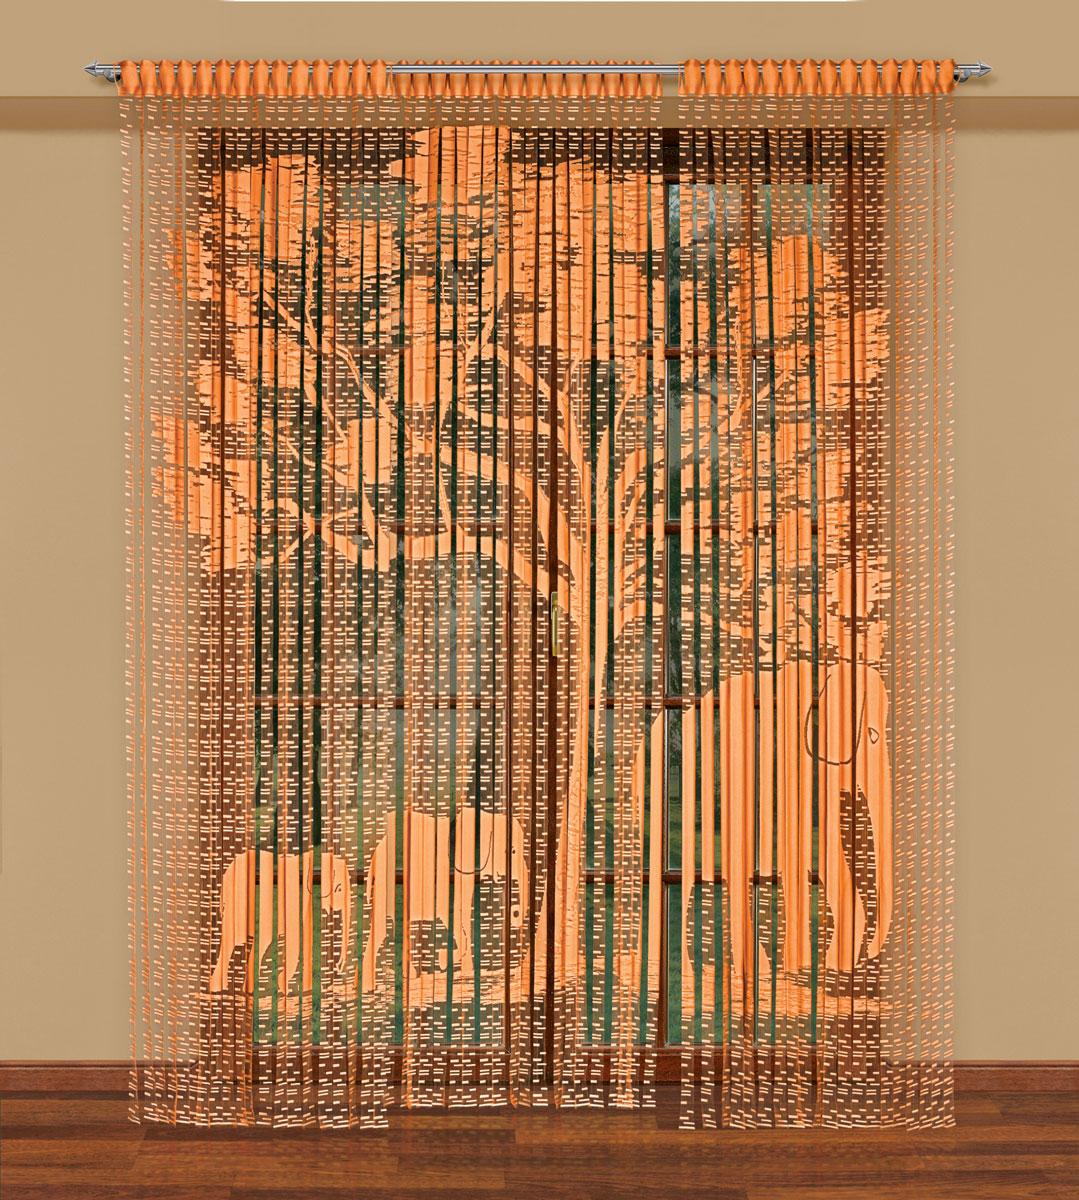 Гардина-лапша Haft, на петлях, цвет: оранжевый, высота 270 см. 212180SVC-300Легкая гардина-лапша на петлях Haft, изготовленная из полиэстера, станетвеликолепным украшением любого окна. Оригинальный дизайн и приятнаяцветовая гамма привлекут к себе внимание и органично впишутся в интерьеркомнаты.